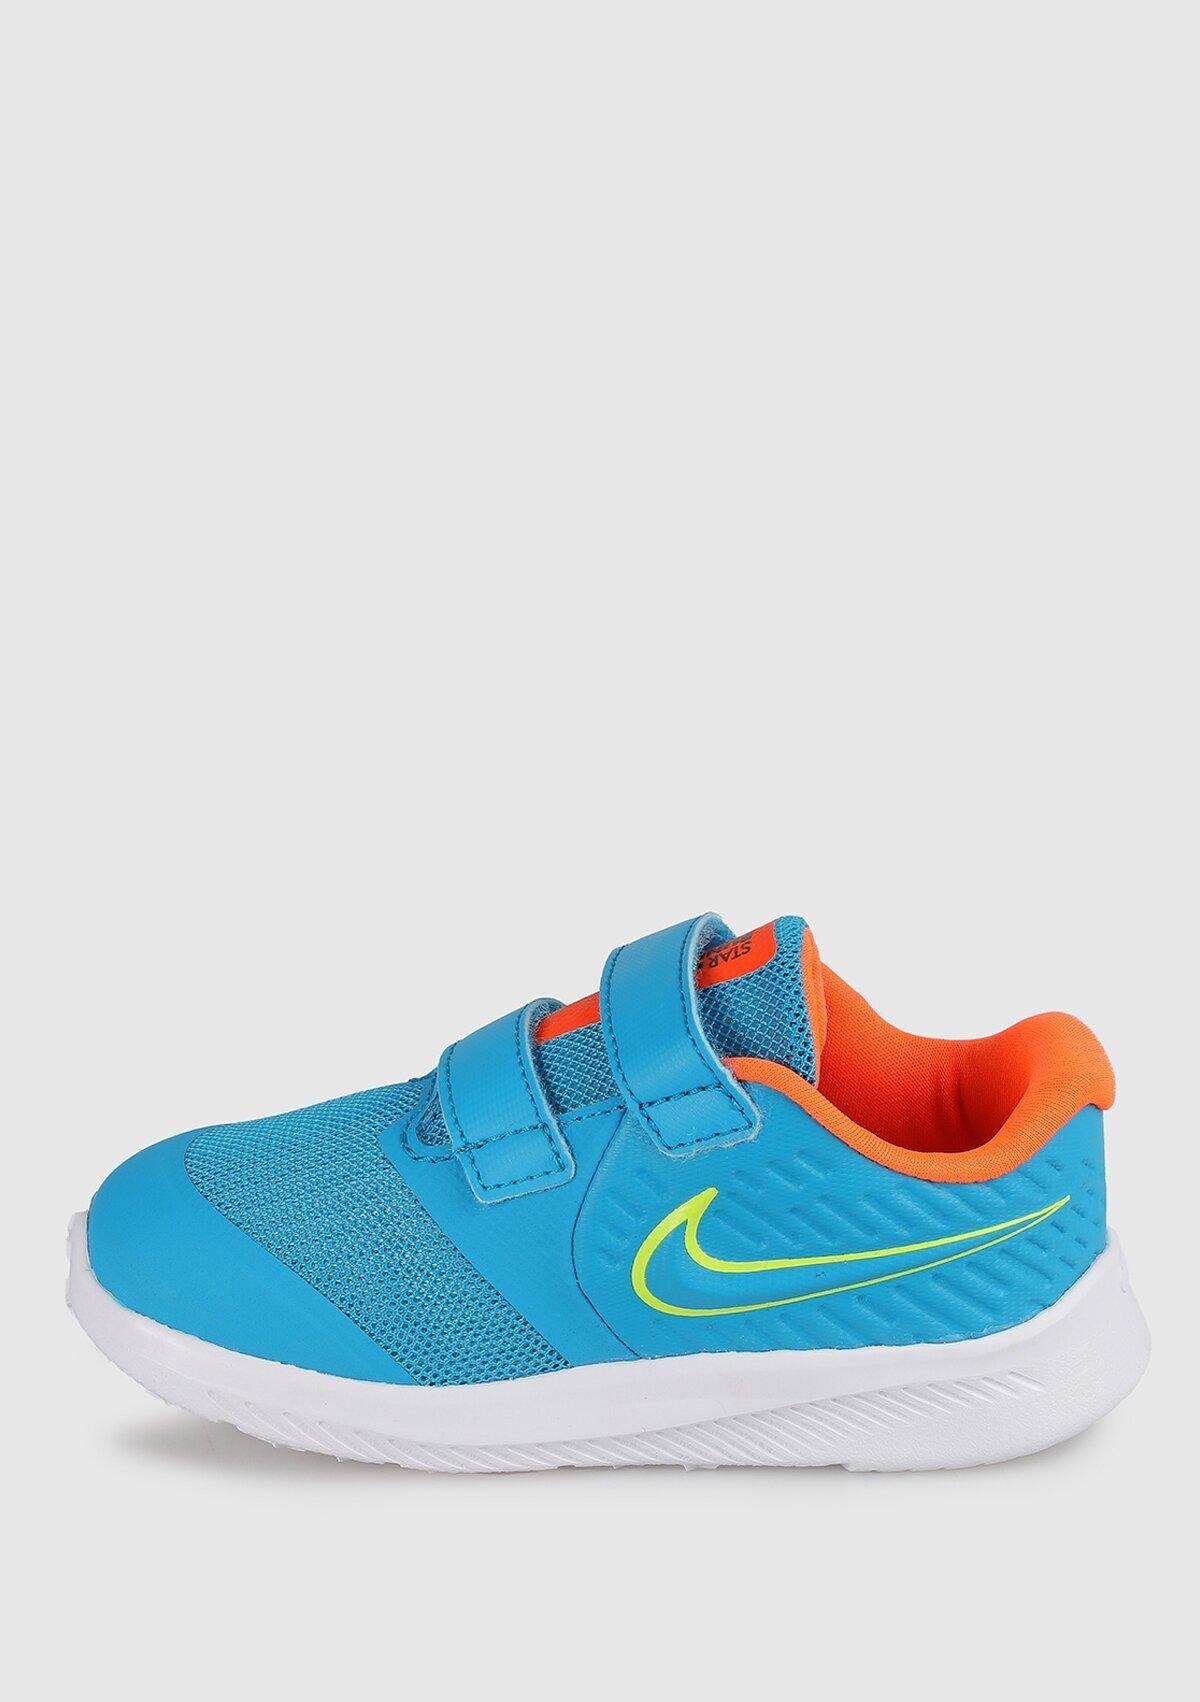 resm Star Runner Mavi Unisex Çocuk Koşu Ayakkabısı At1803-403